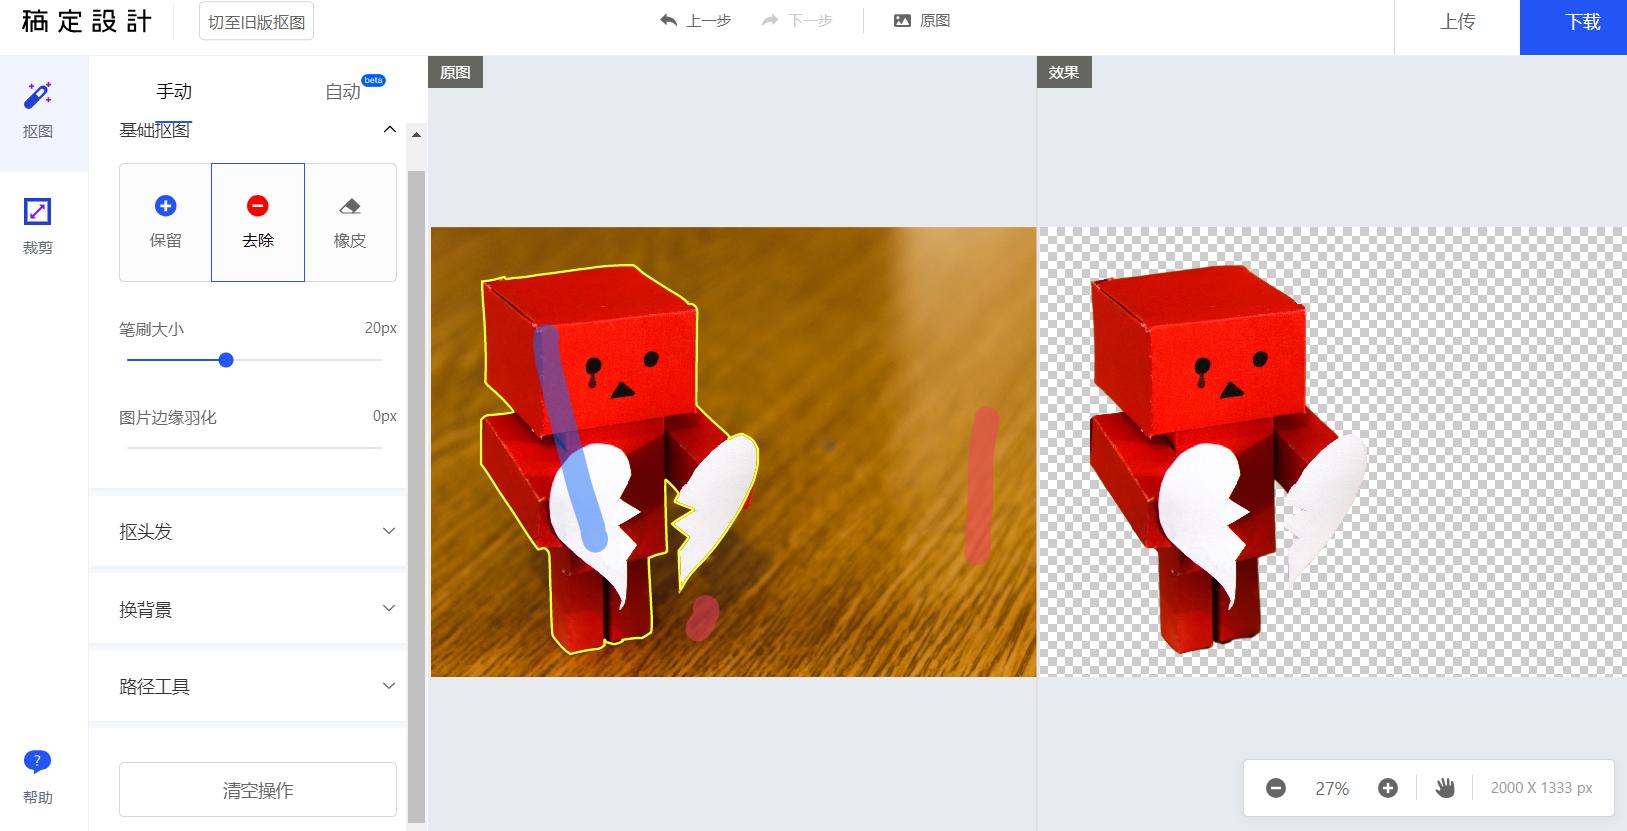 什么软件更换照片背景?可以更换照片背景的软件